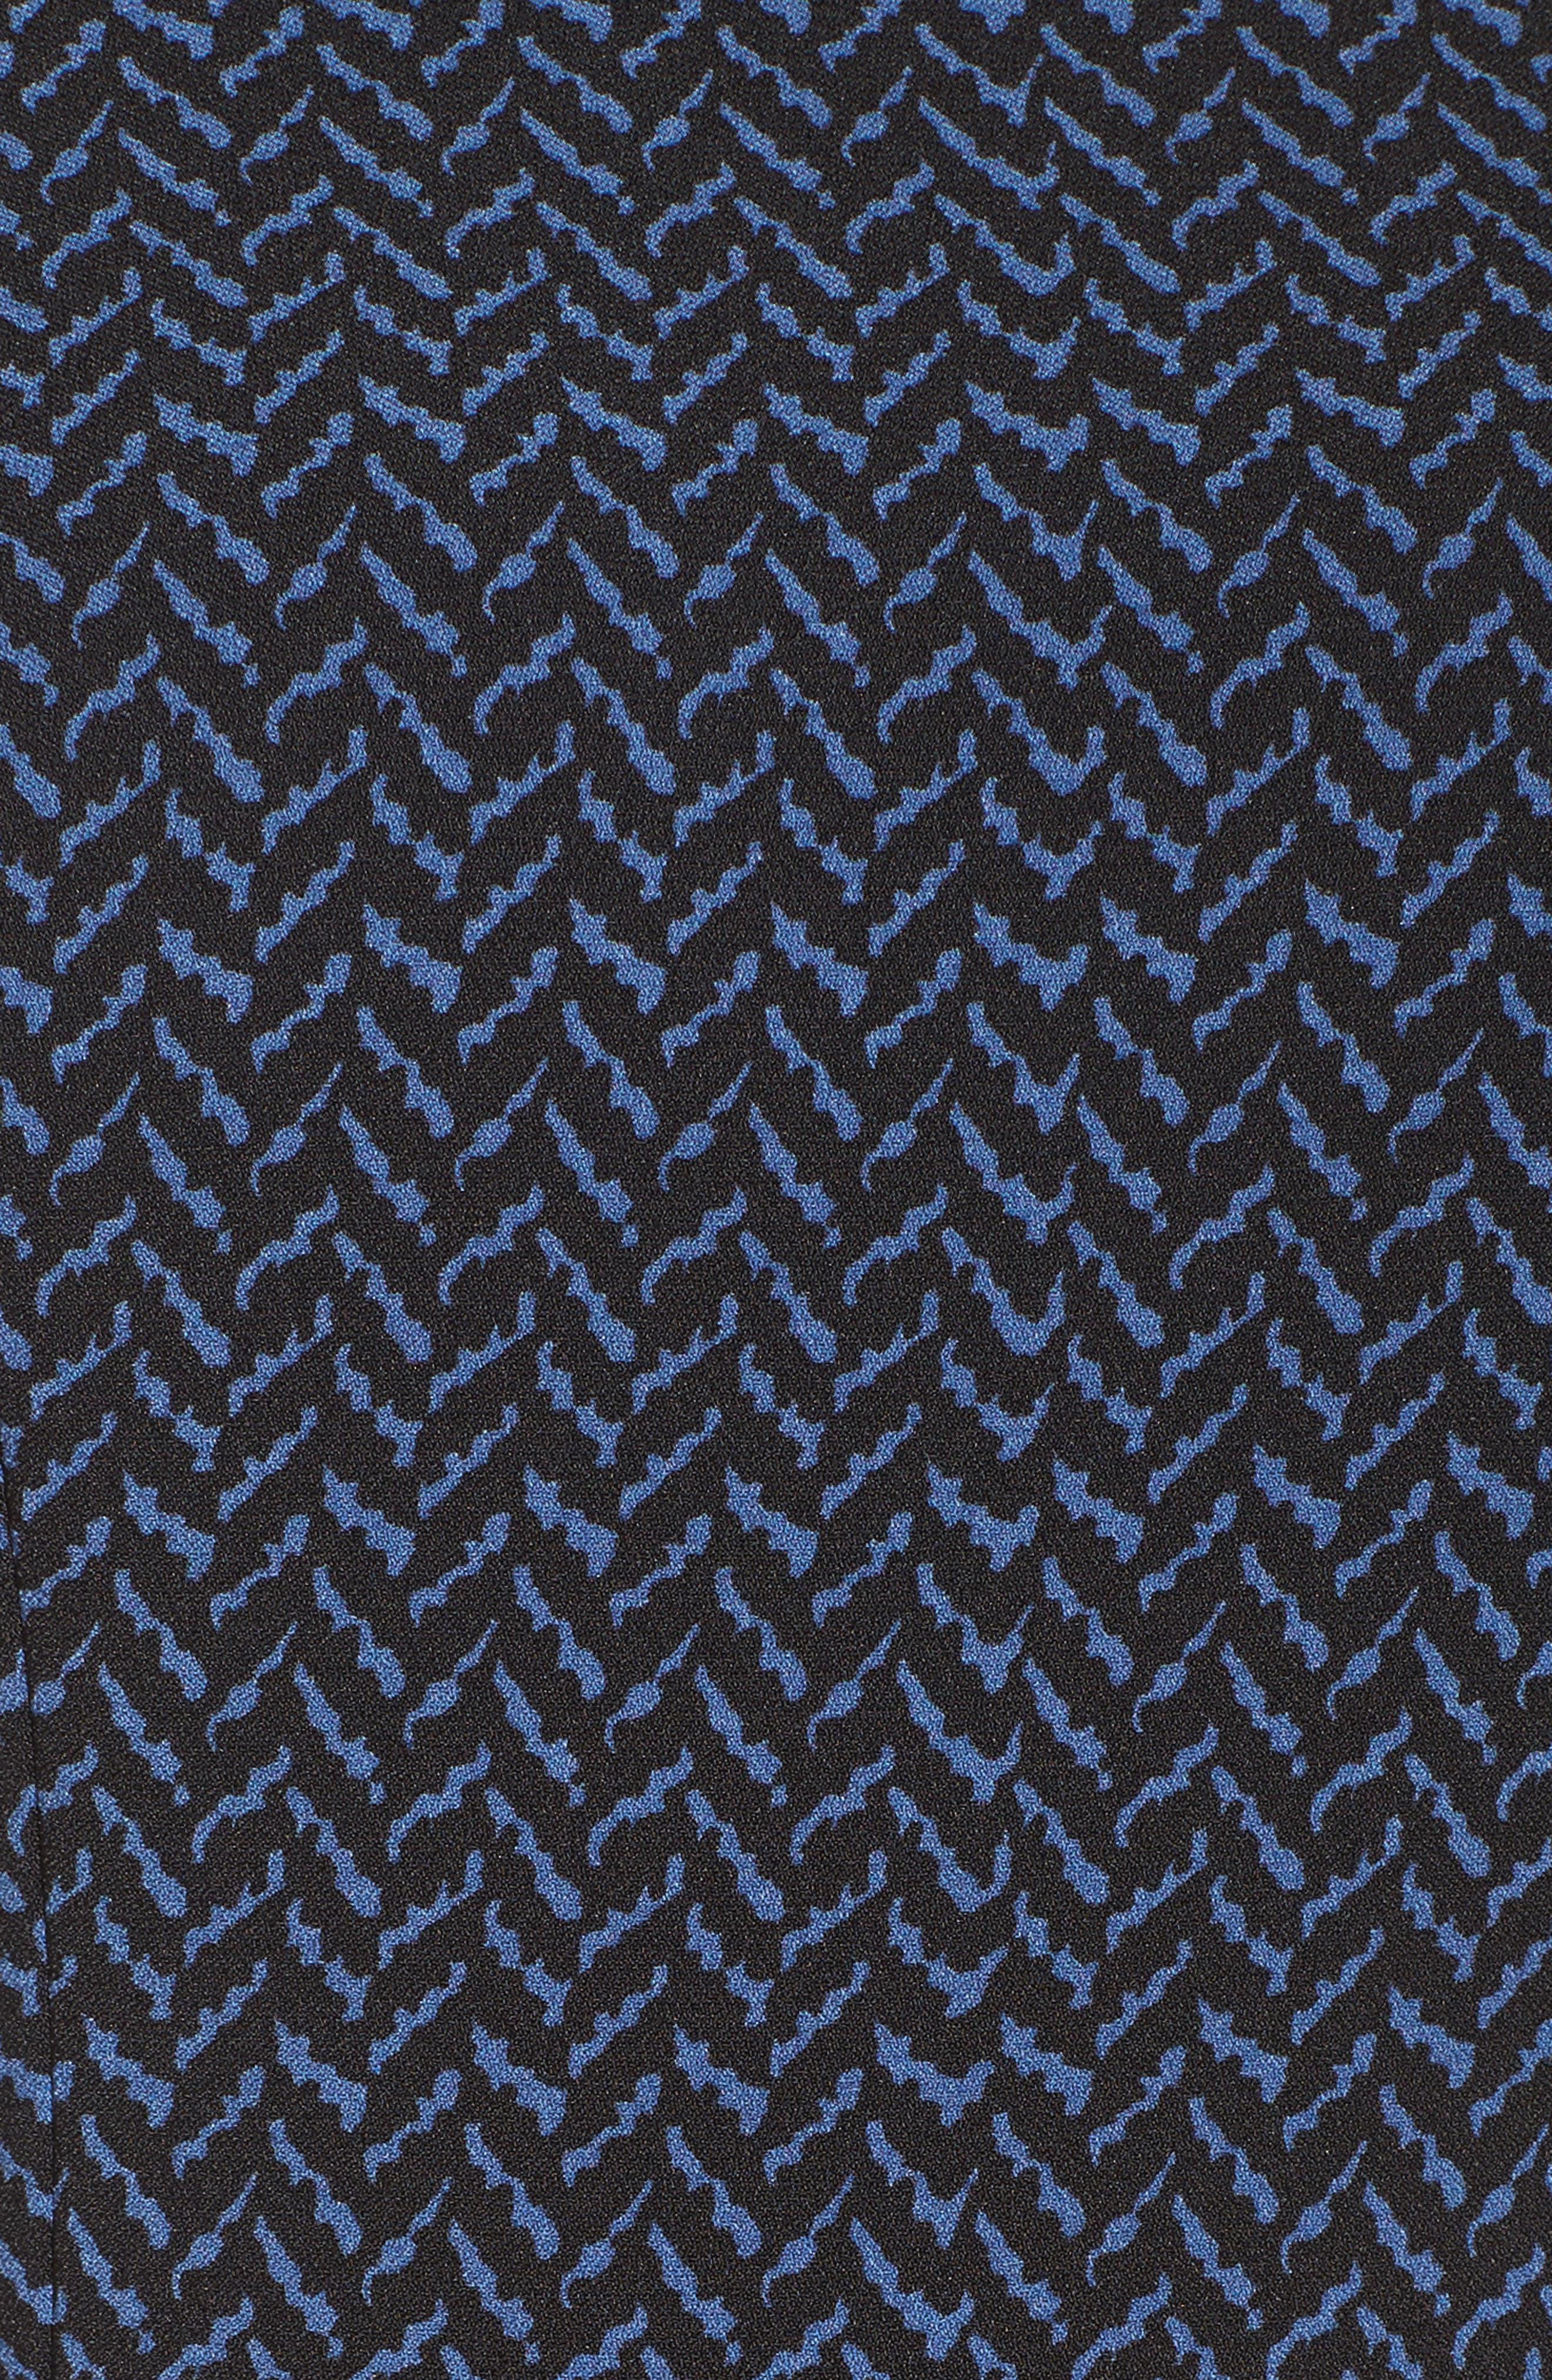 Mixed Herringbone Sheath Dress,                             Alternate thumbnail 5, color,                             400